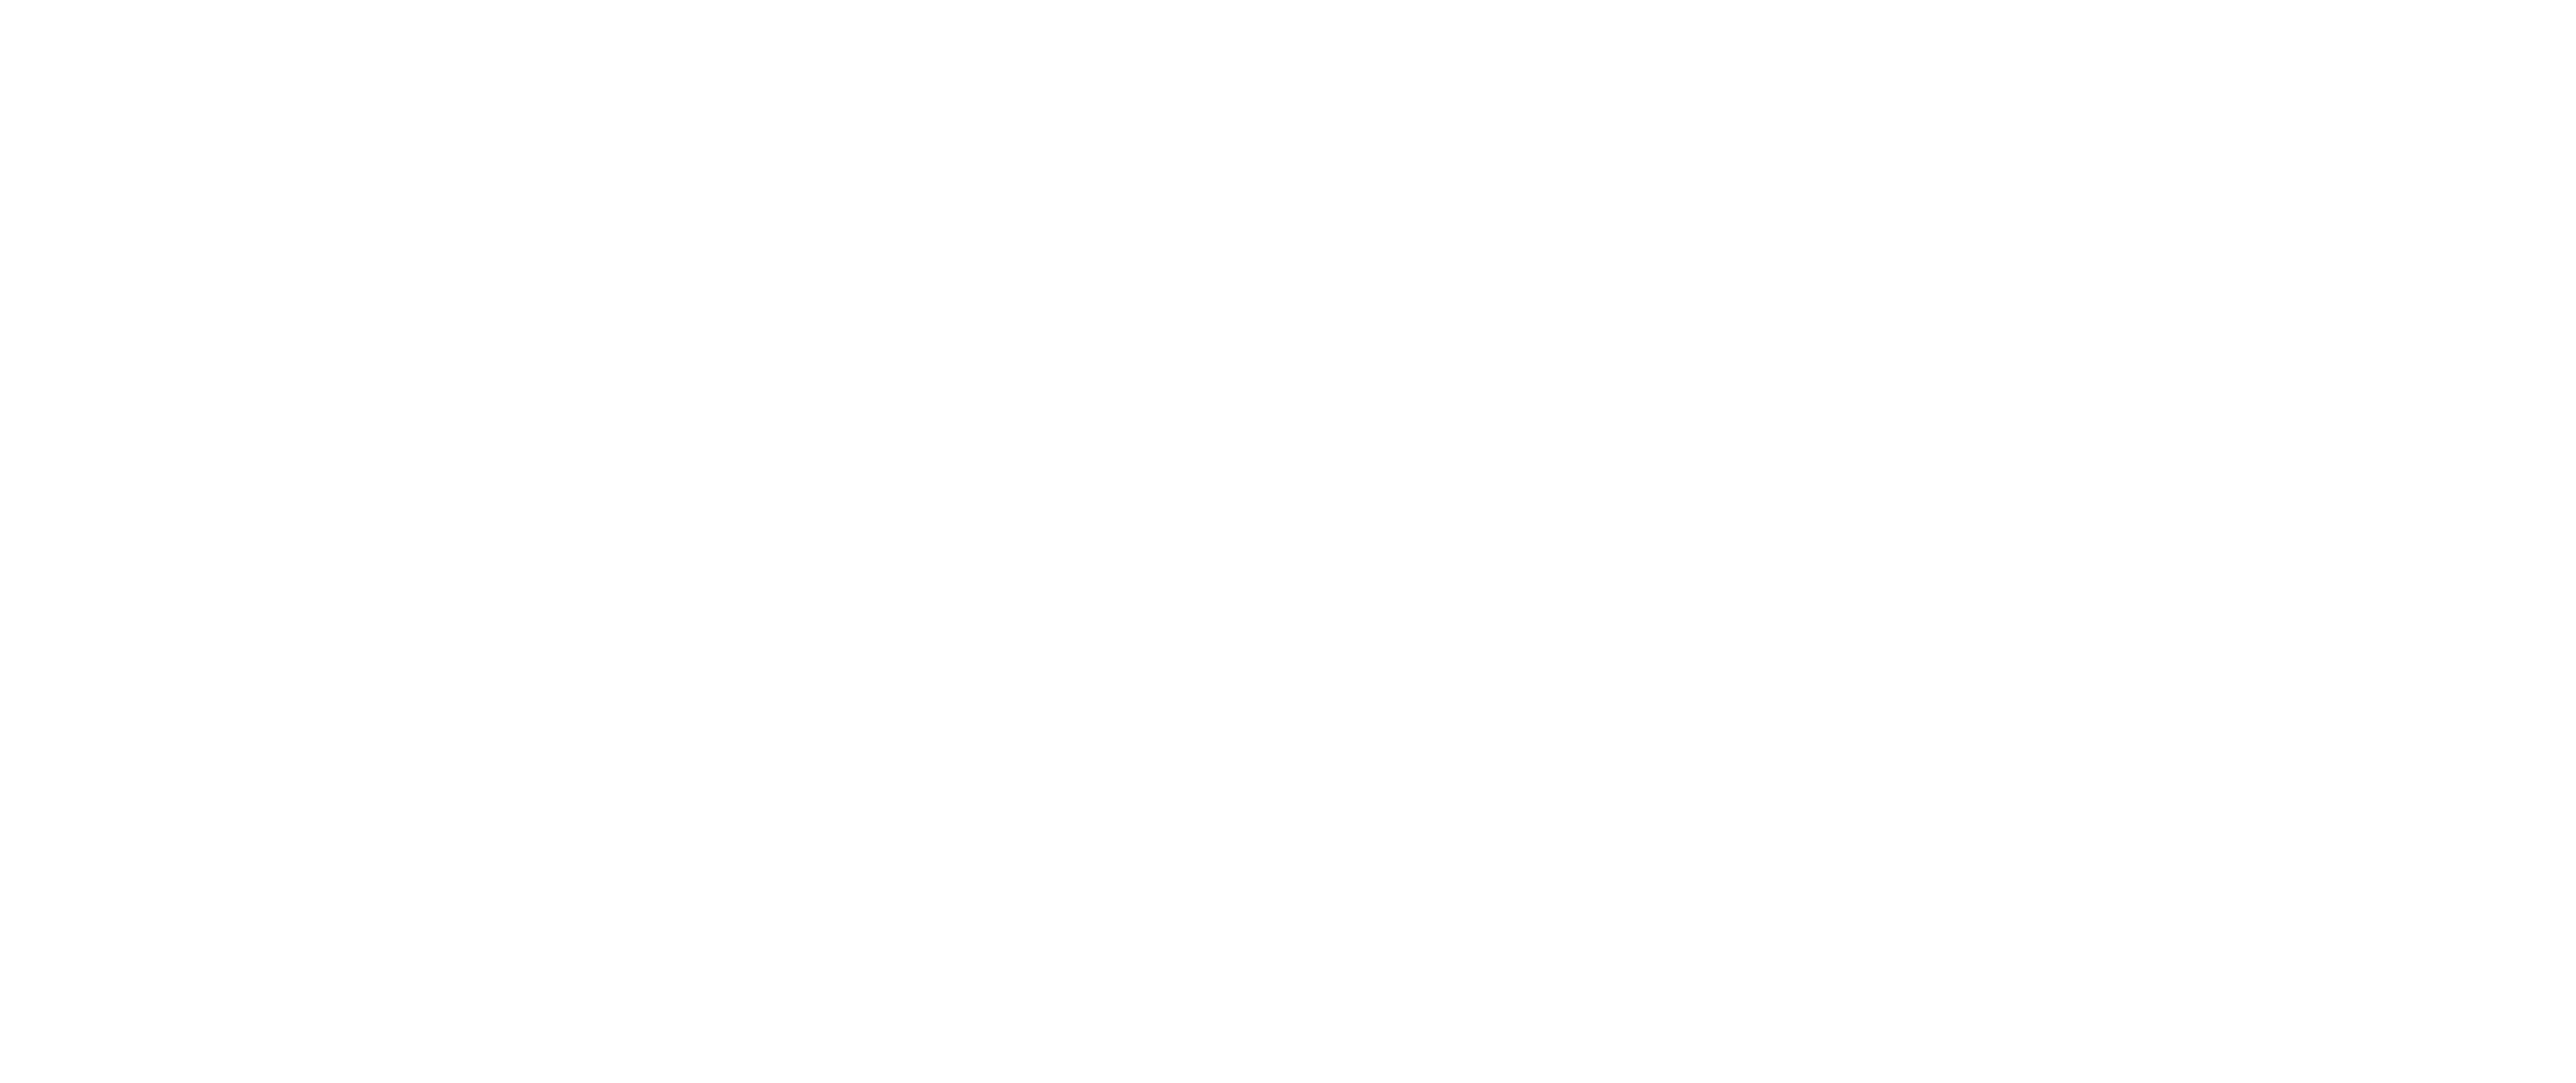 AVO logo white